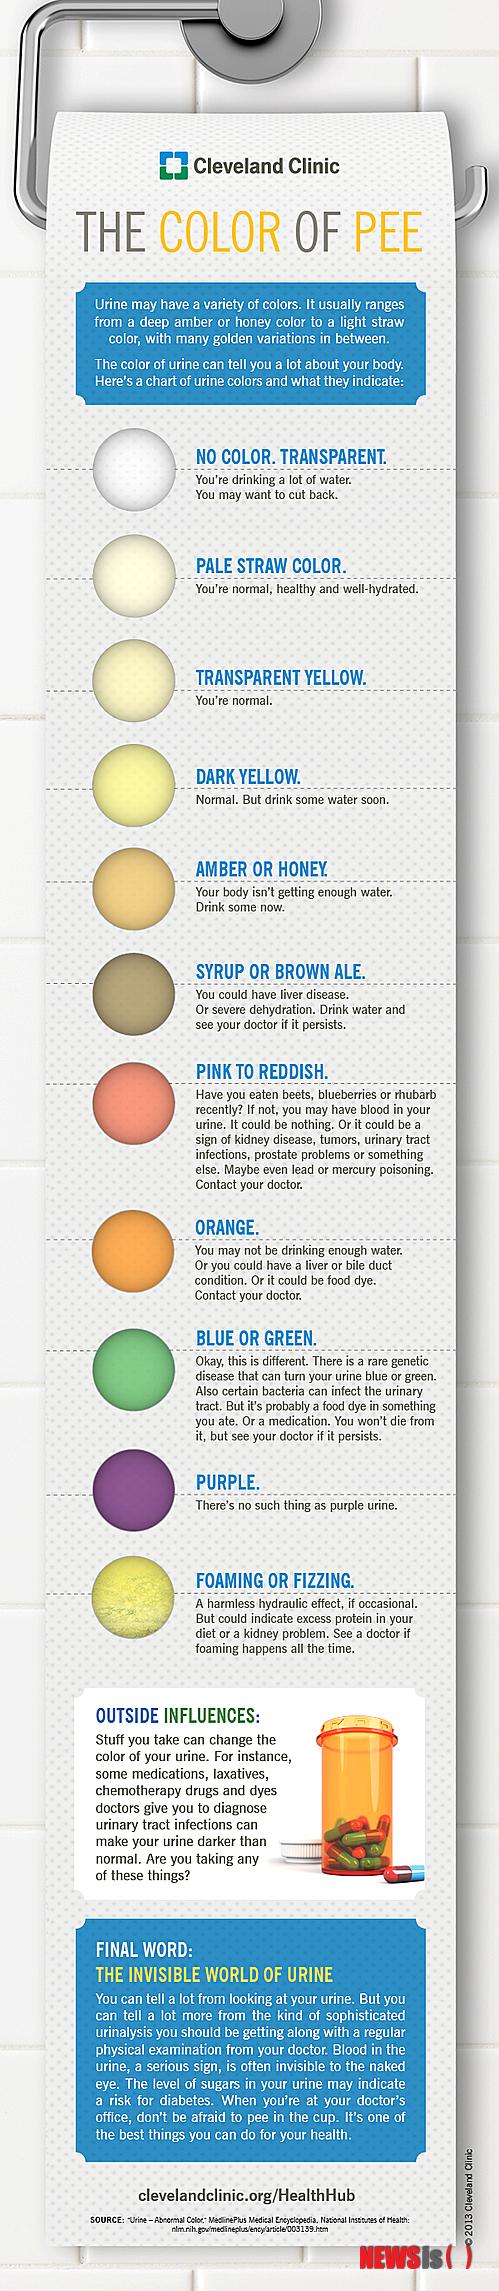 소변 색으로 한 눈에 보는 당신의 건강은?